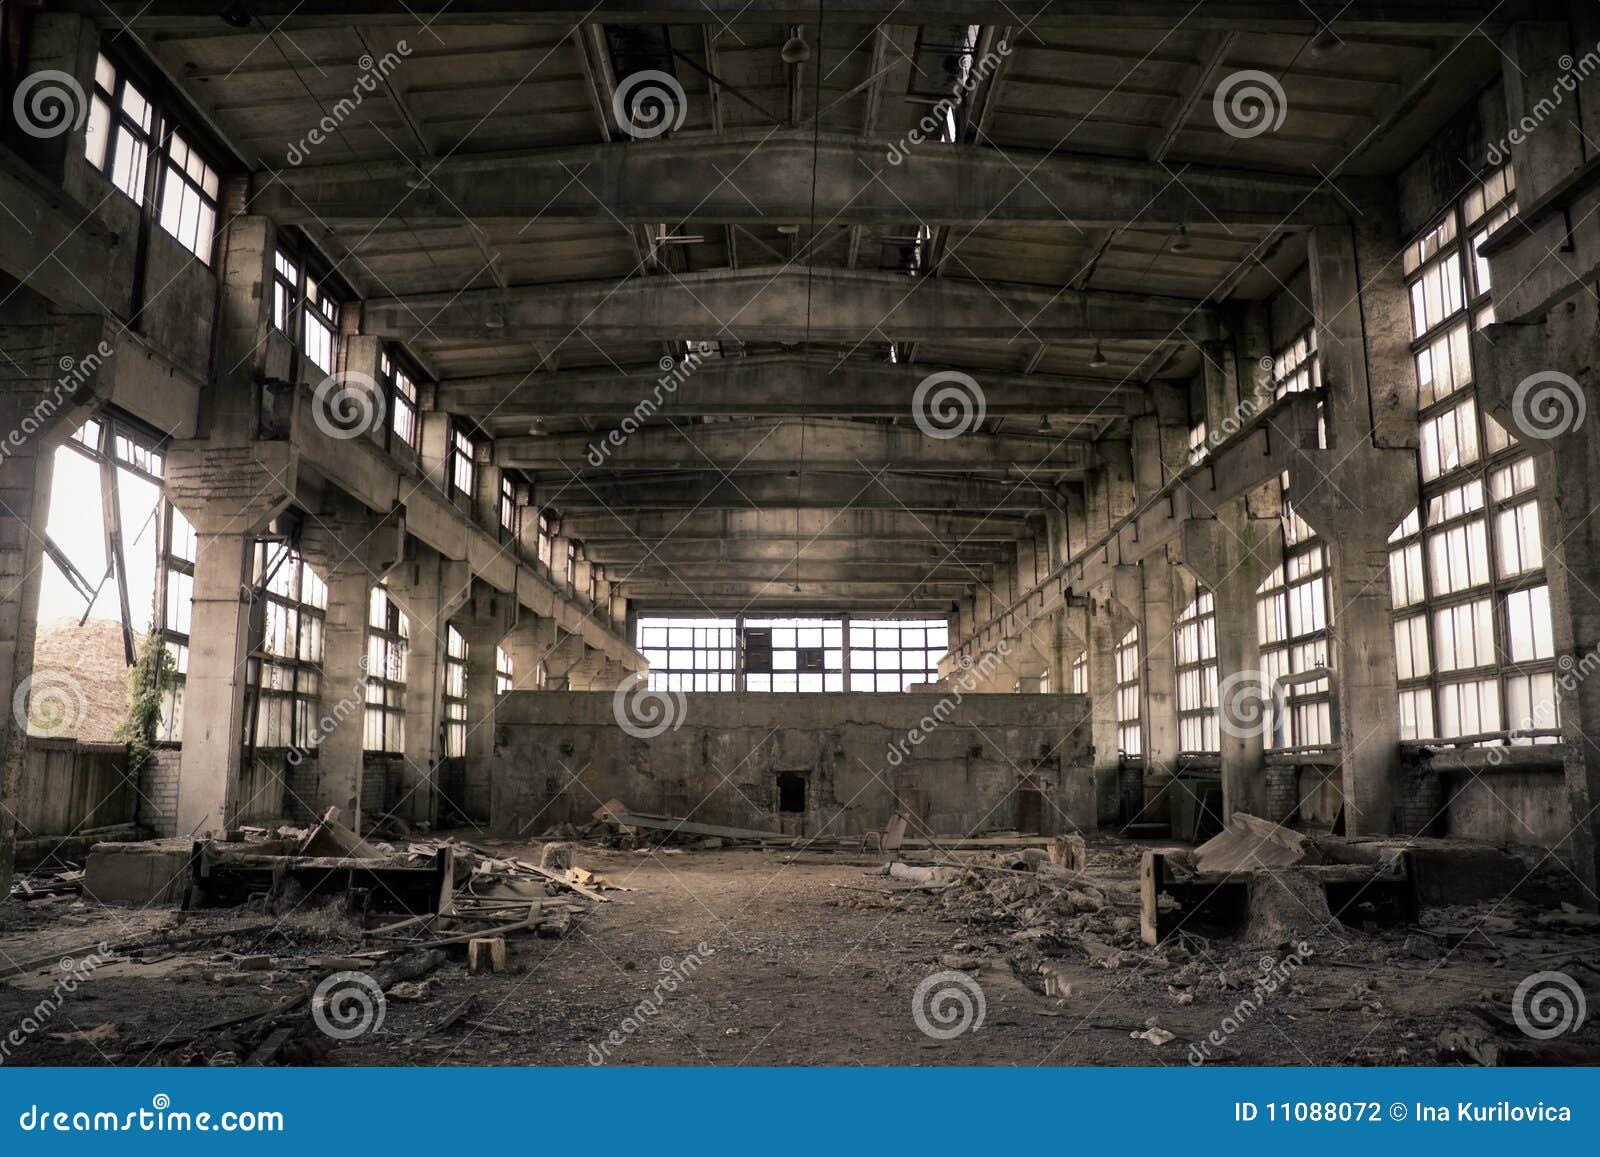 Zaniechany przemysłowy wnętrze